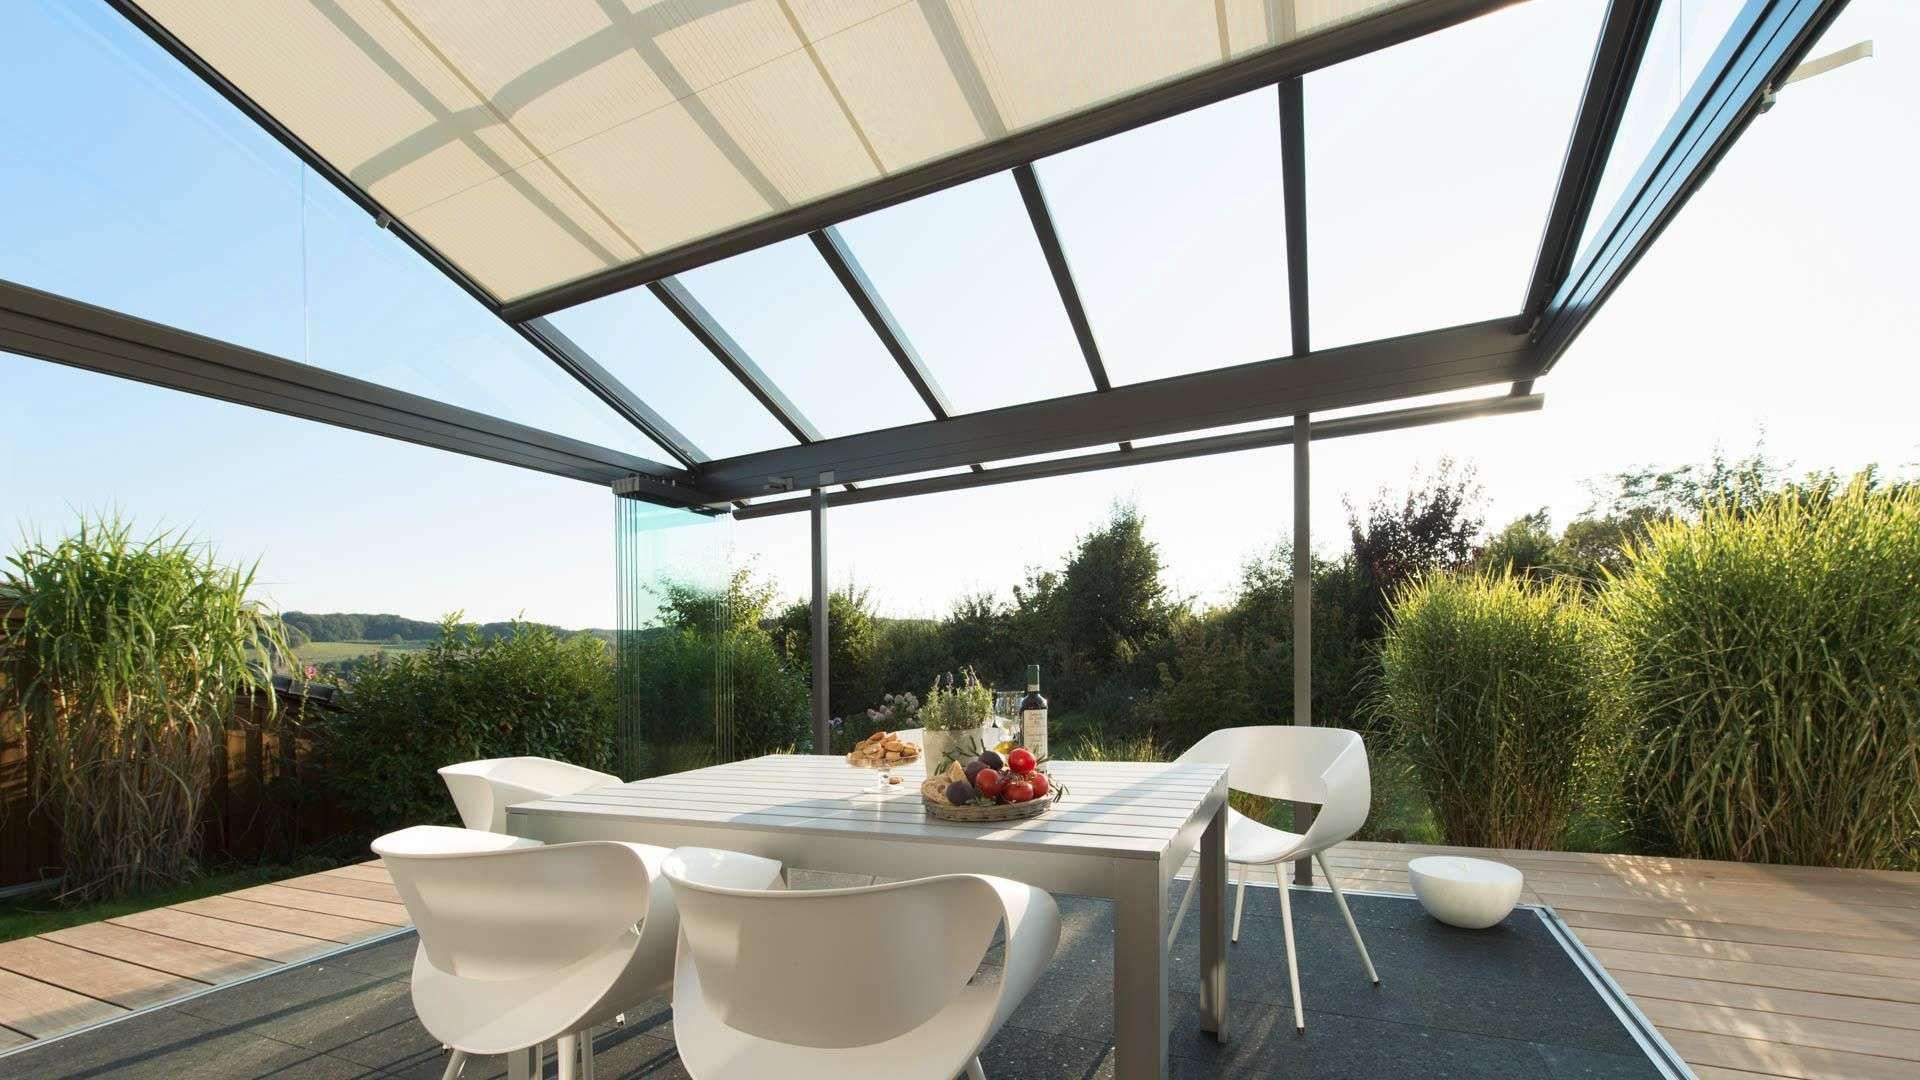 TERRASSENÜBERDACHUNG - Sommergarantie auf Ihrer Terrasse